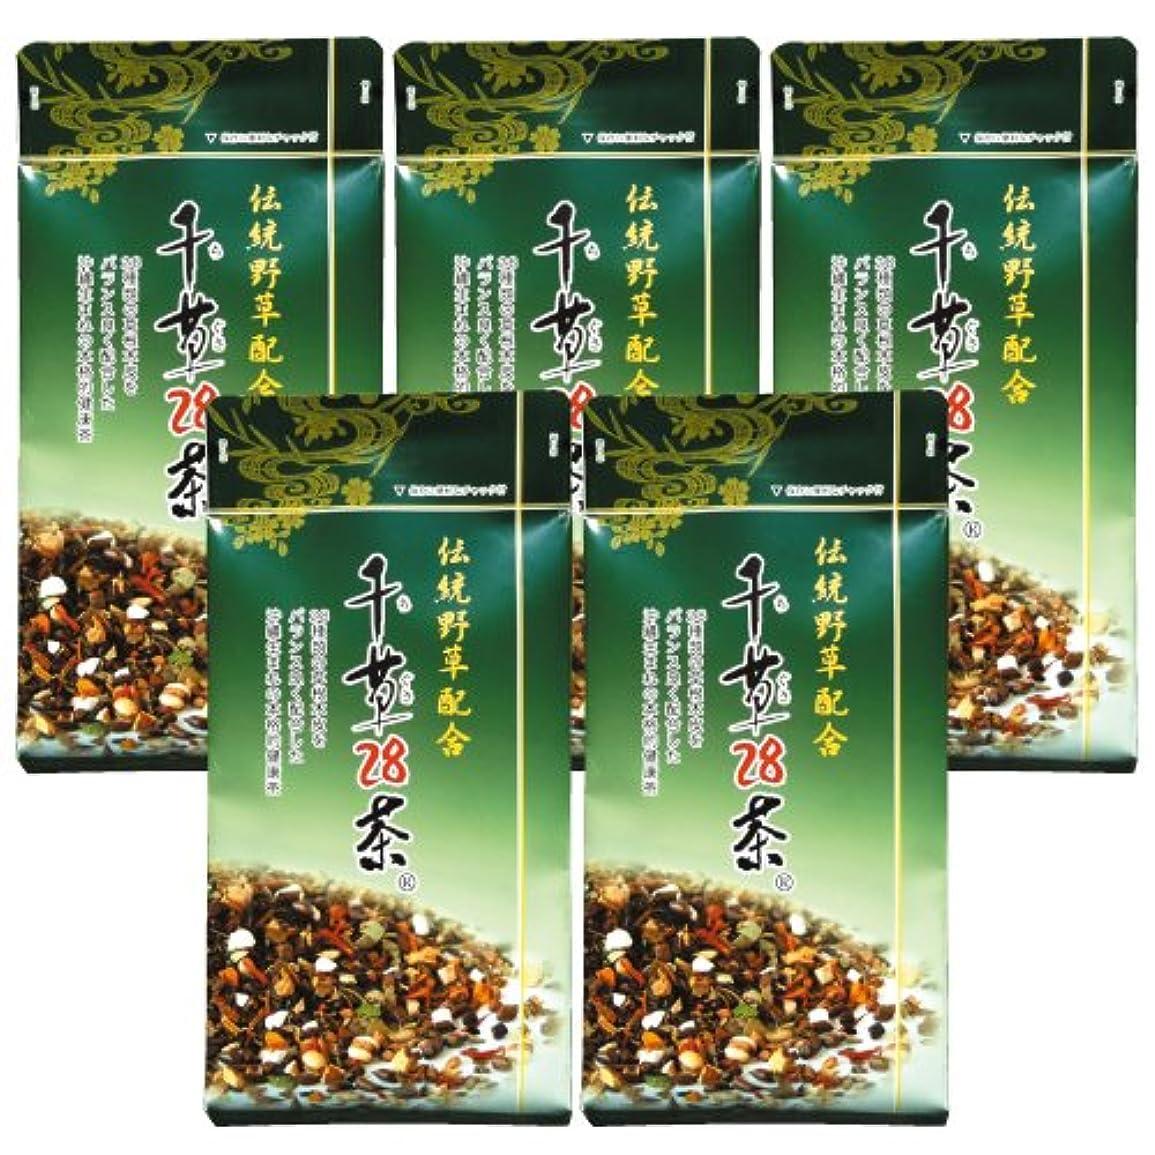 振るうにぎやかシンプトン千草28茶 200g×5個